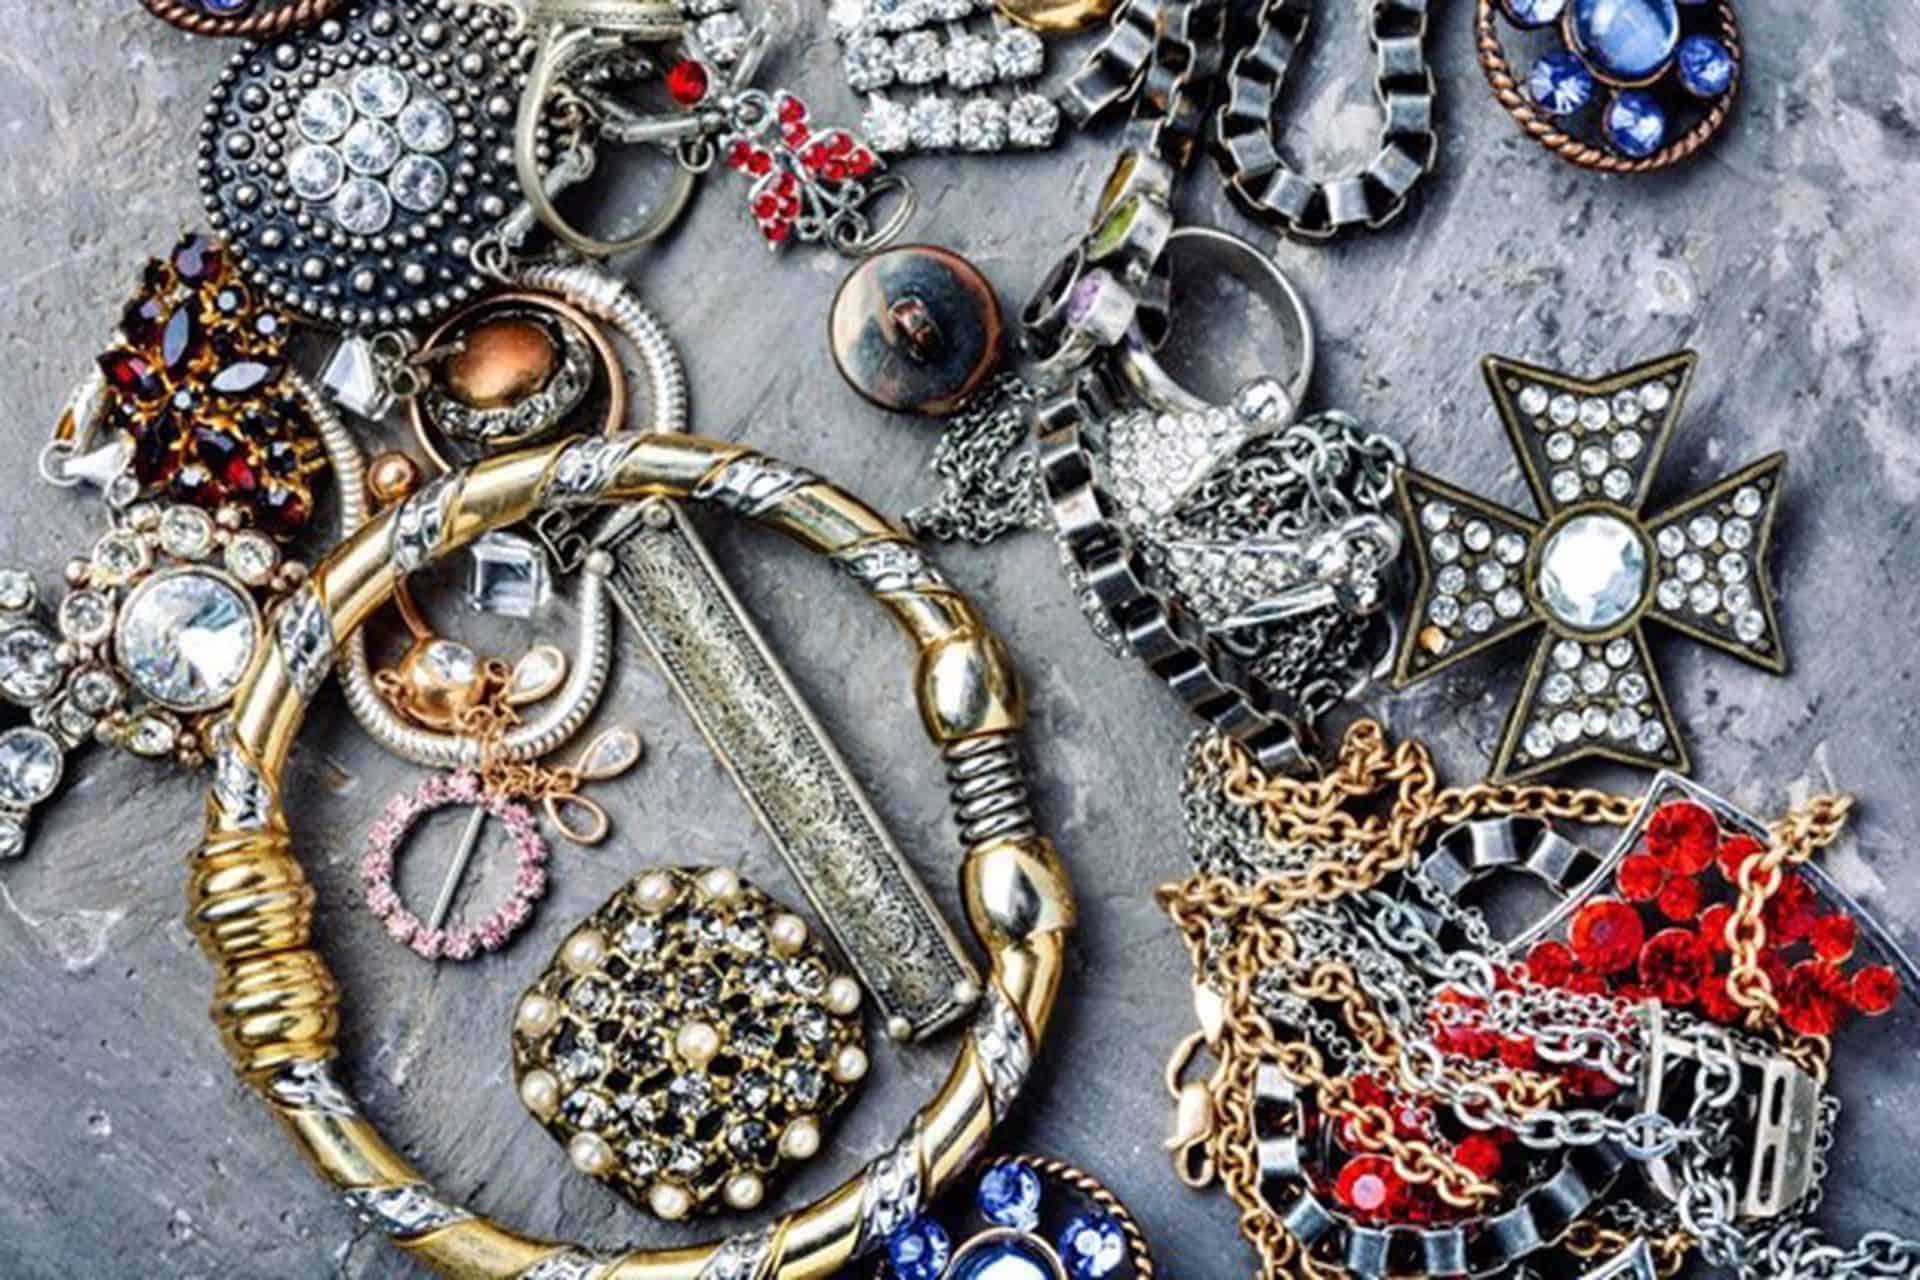 Mücevherler Nasıl Parlatılır ve Temizlenir?